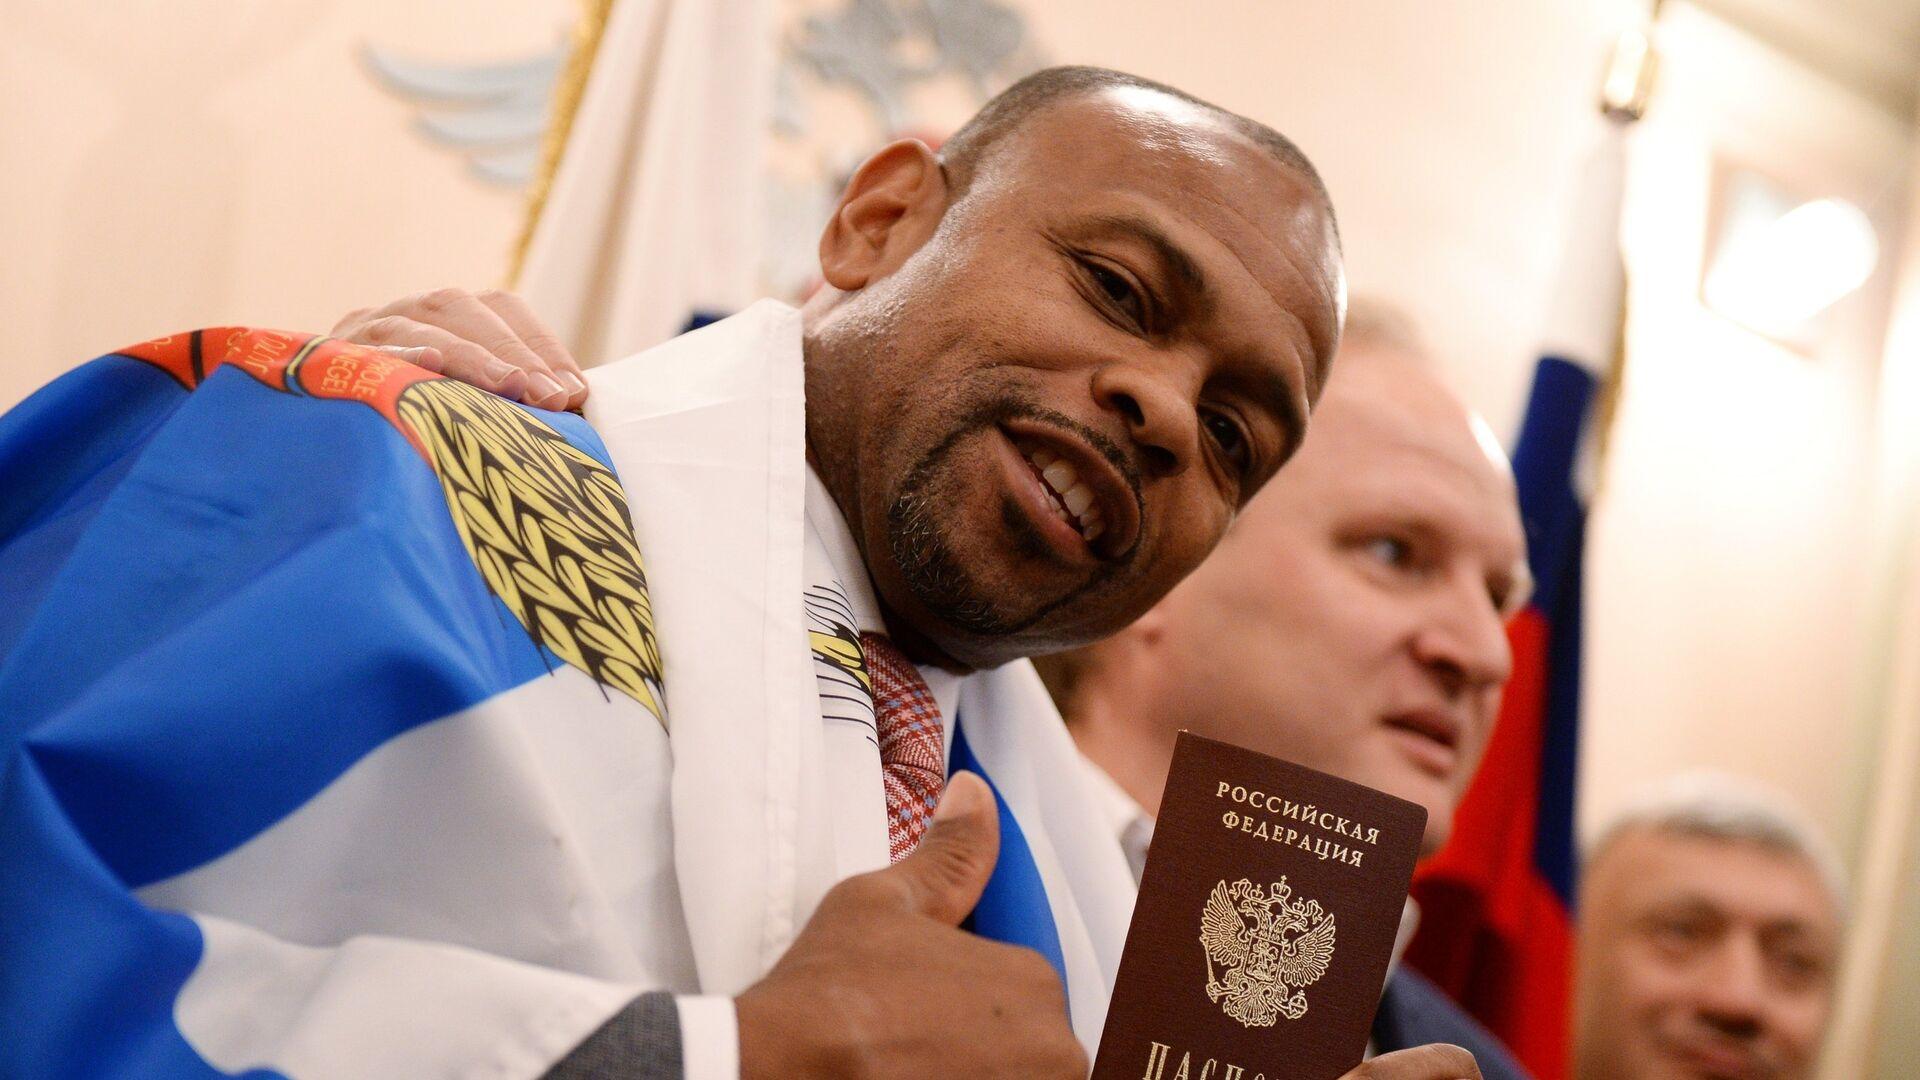 Roy Jones muestra su pasaporte ruso durante la ceremonia de naturalización en Moscú (Rusia), el 27 de octubre del 2015 - Sputnik Mundo, 1920, 12.07.2021